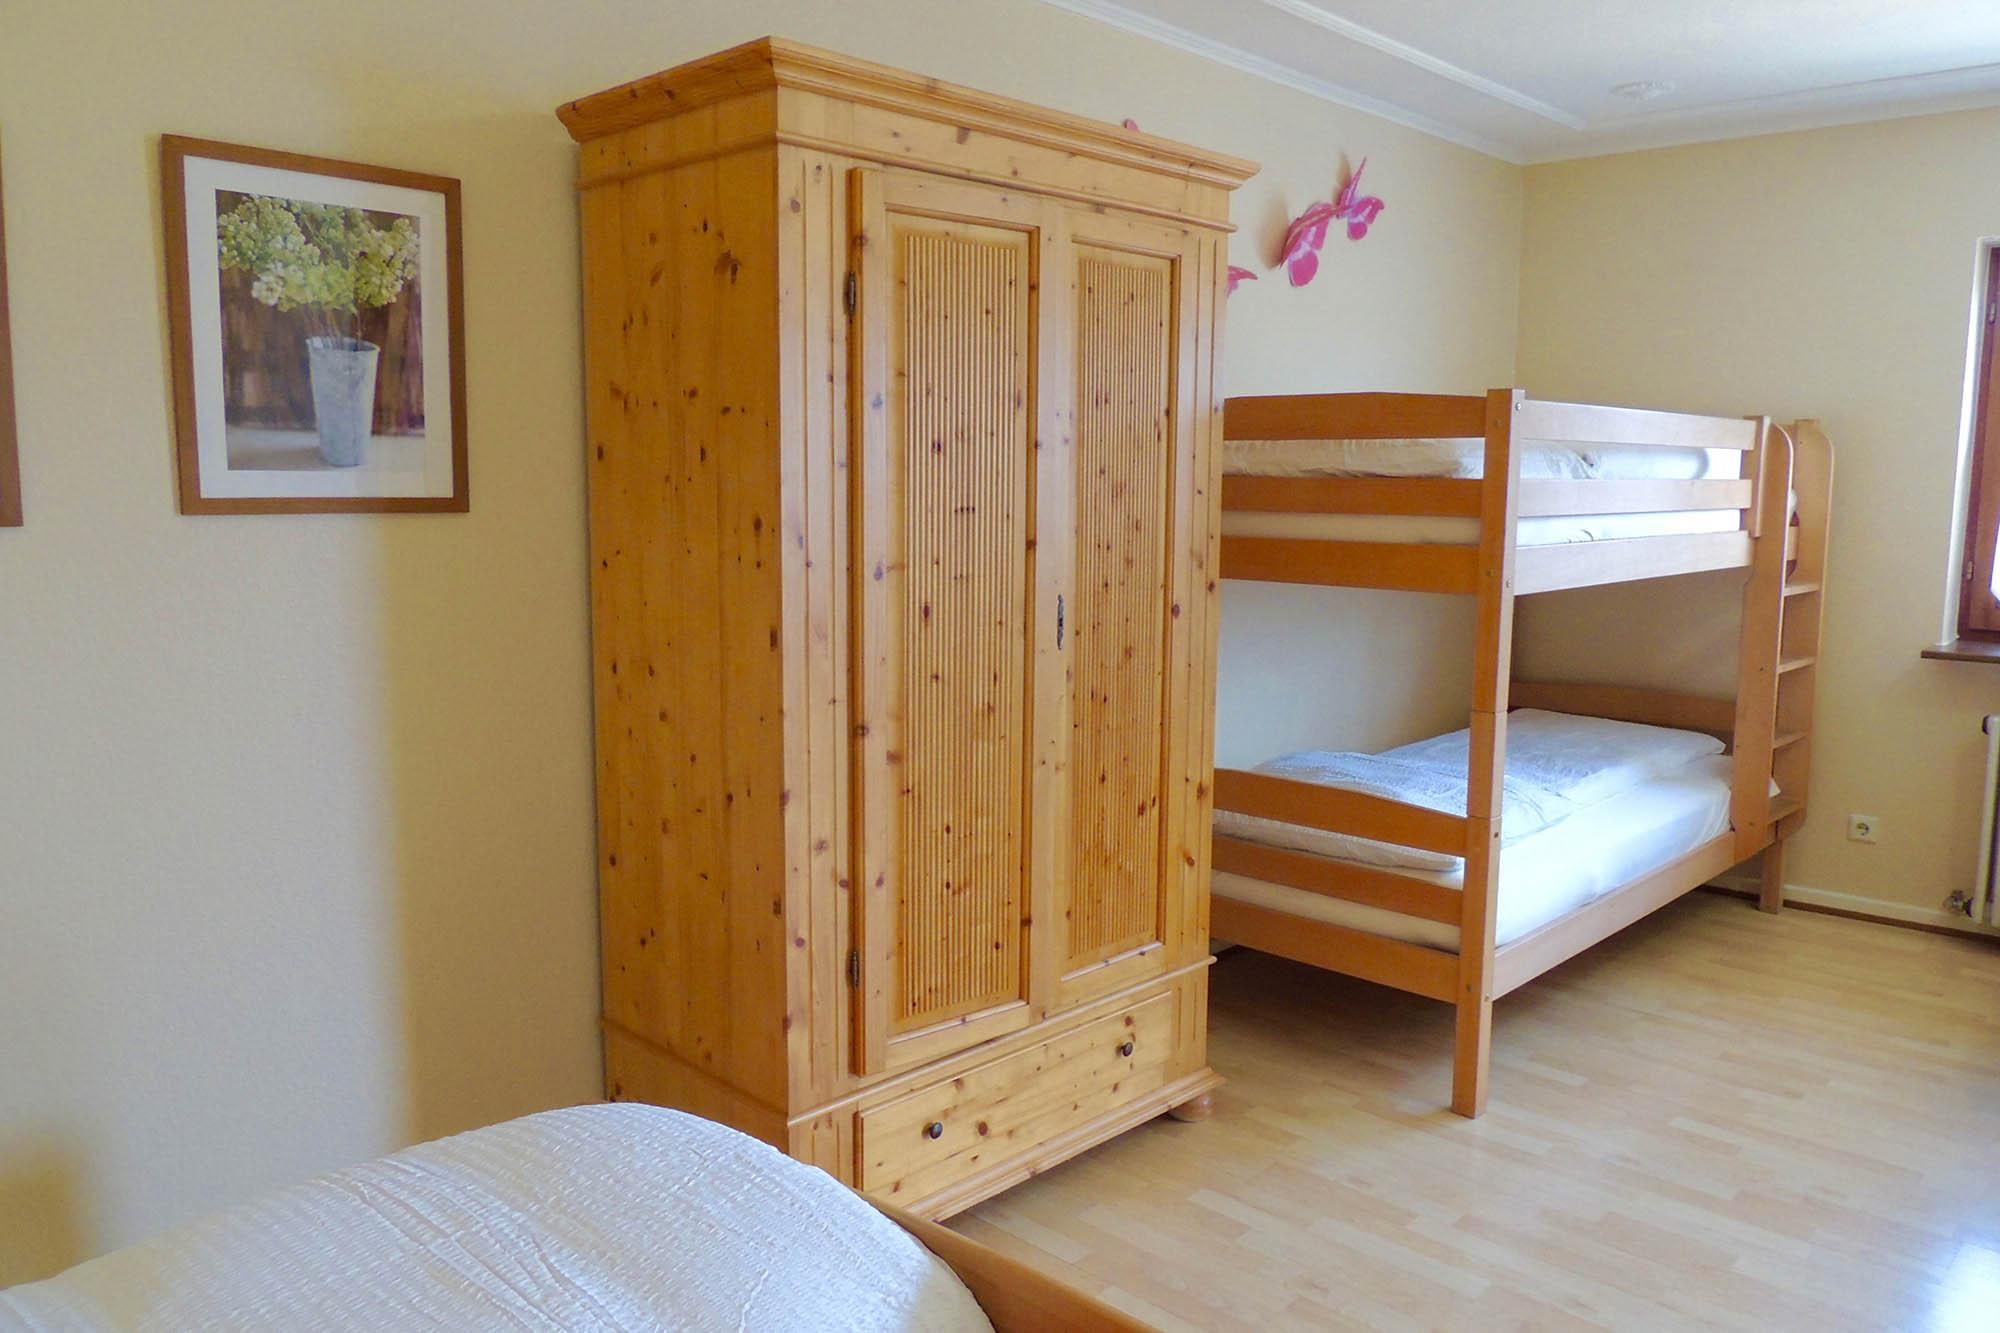 Schlafzimmer mit 3 Betten der Ferienwohnung beim Europapark Rust